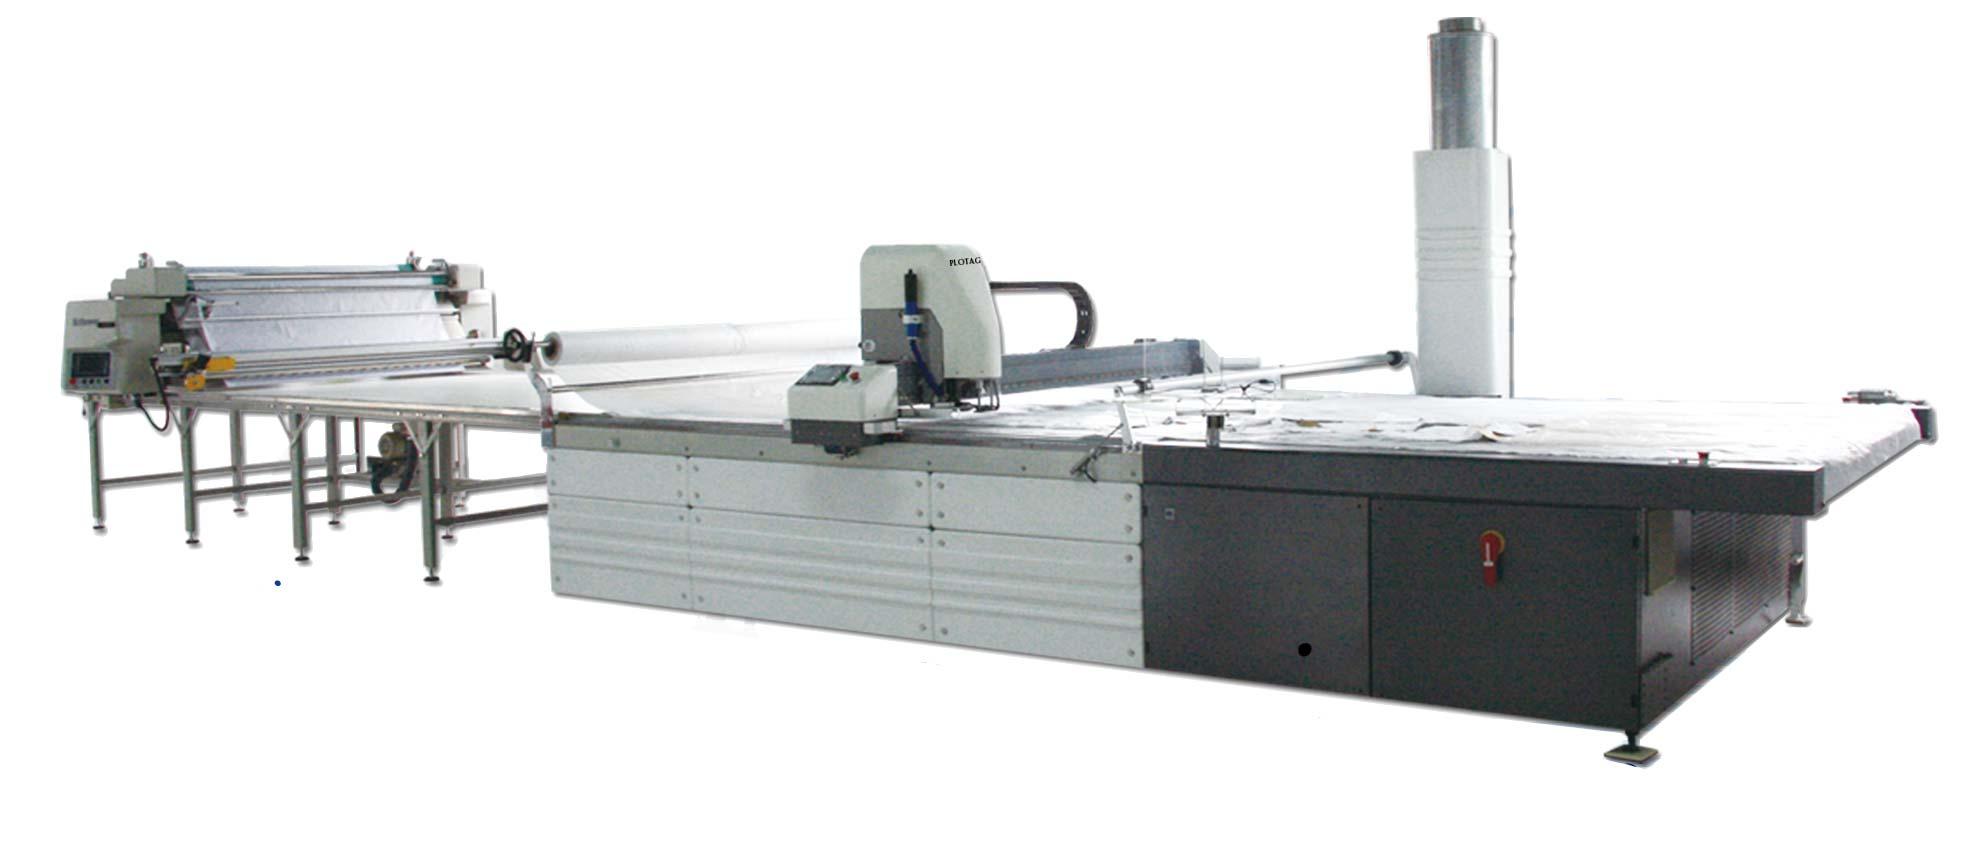 Maquina de enfestar e cortar tecido